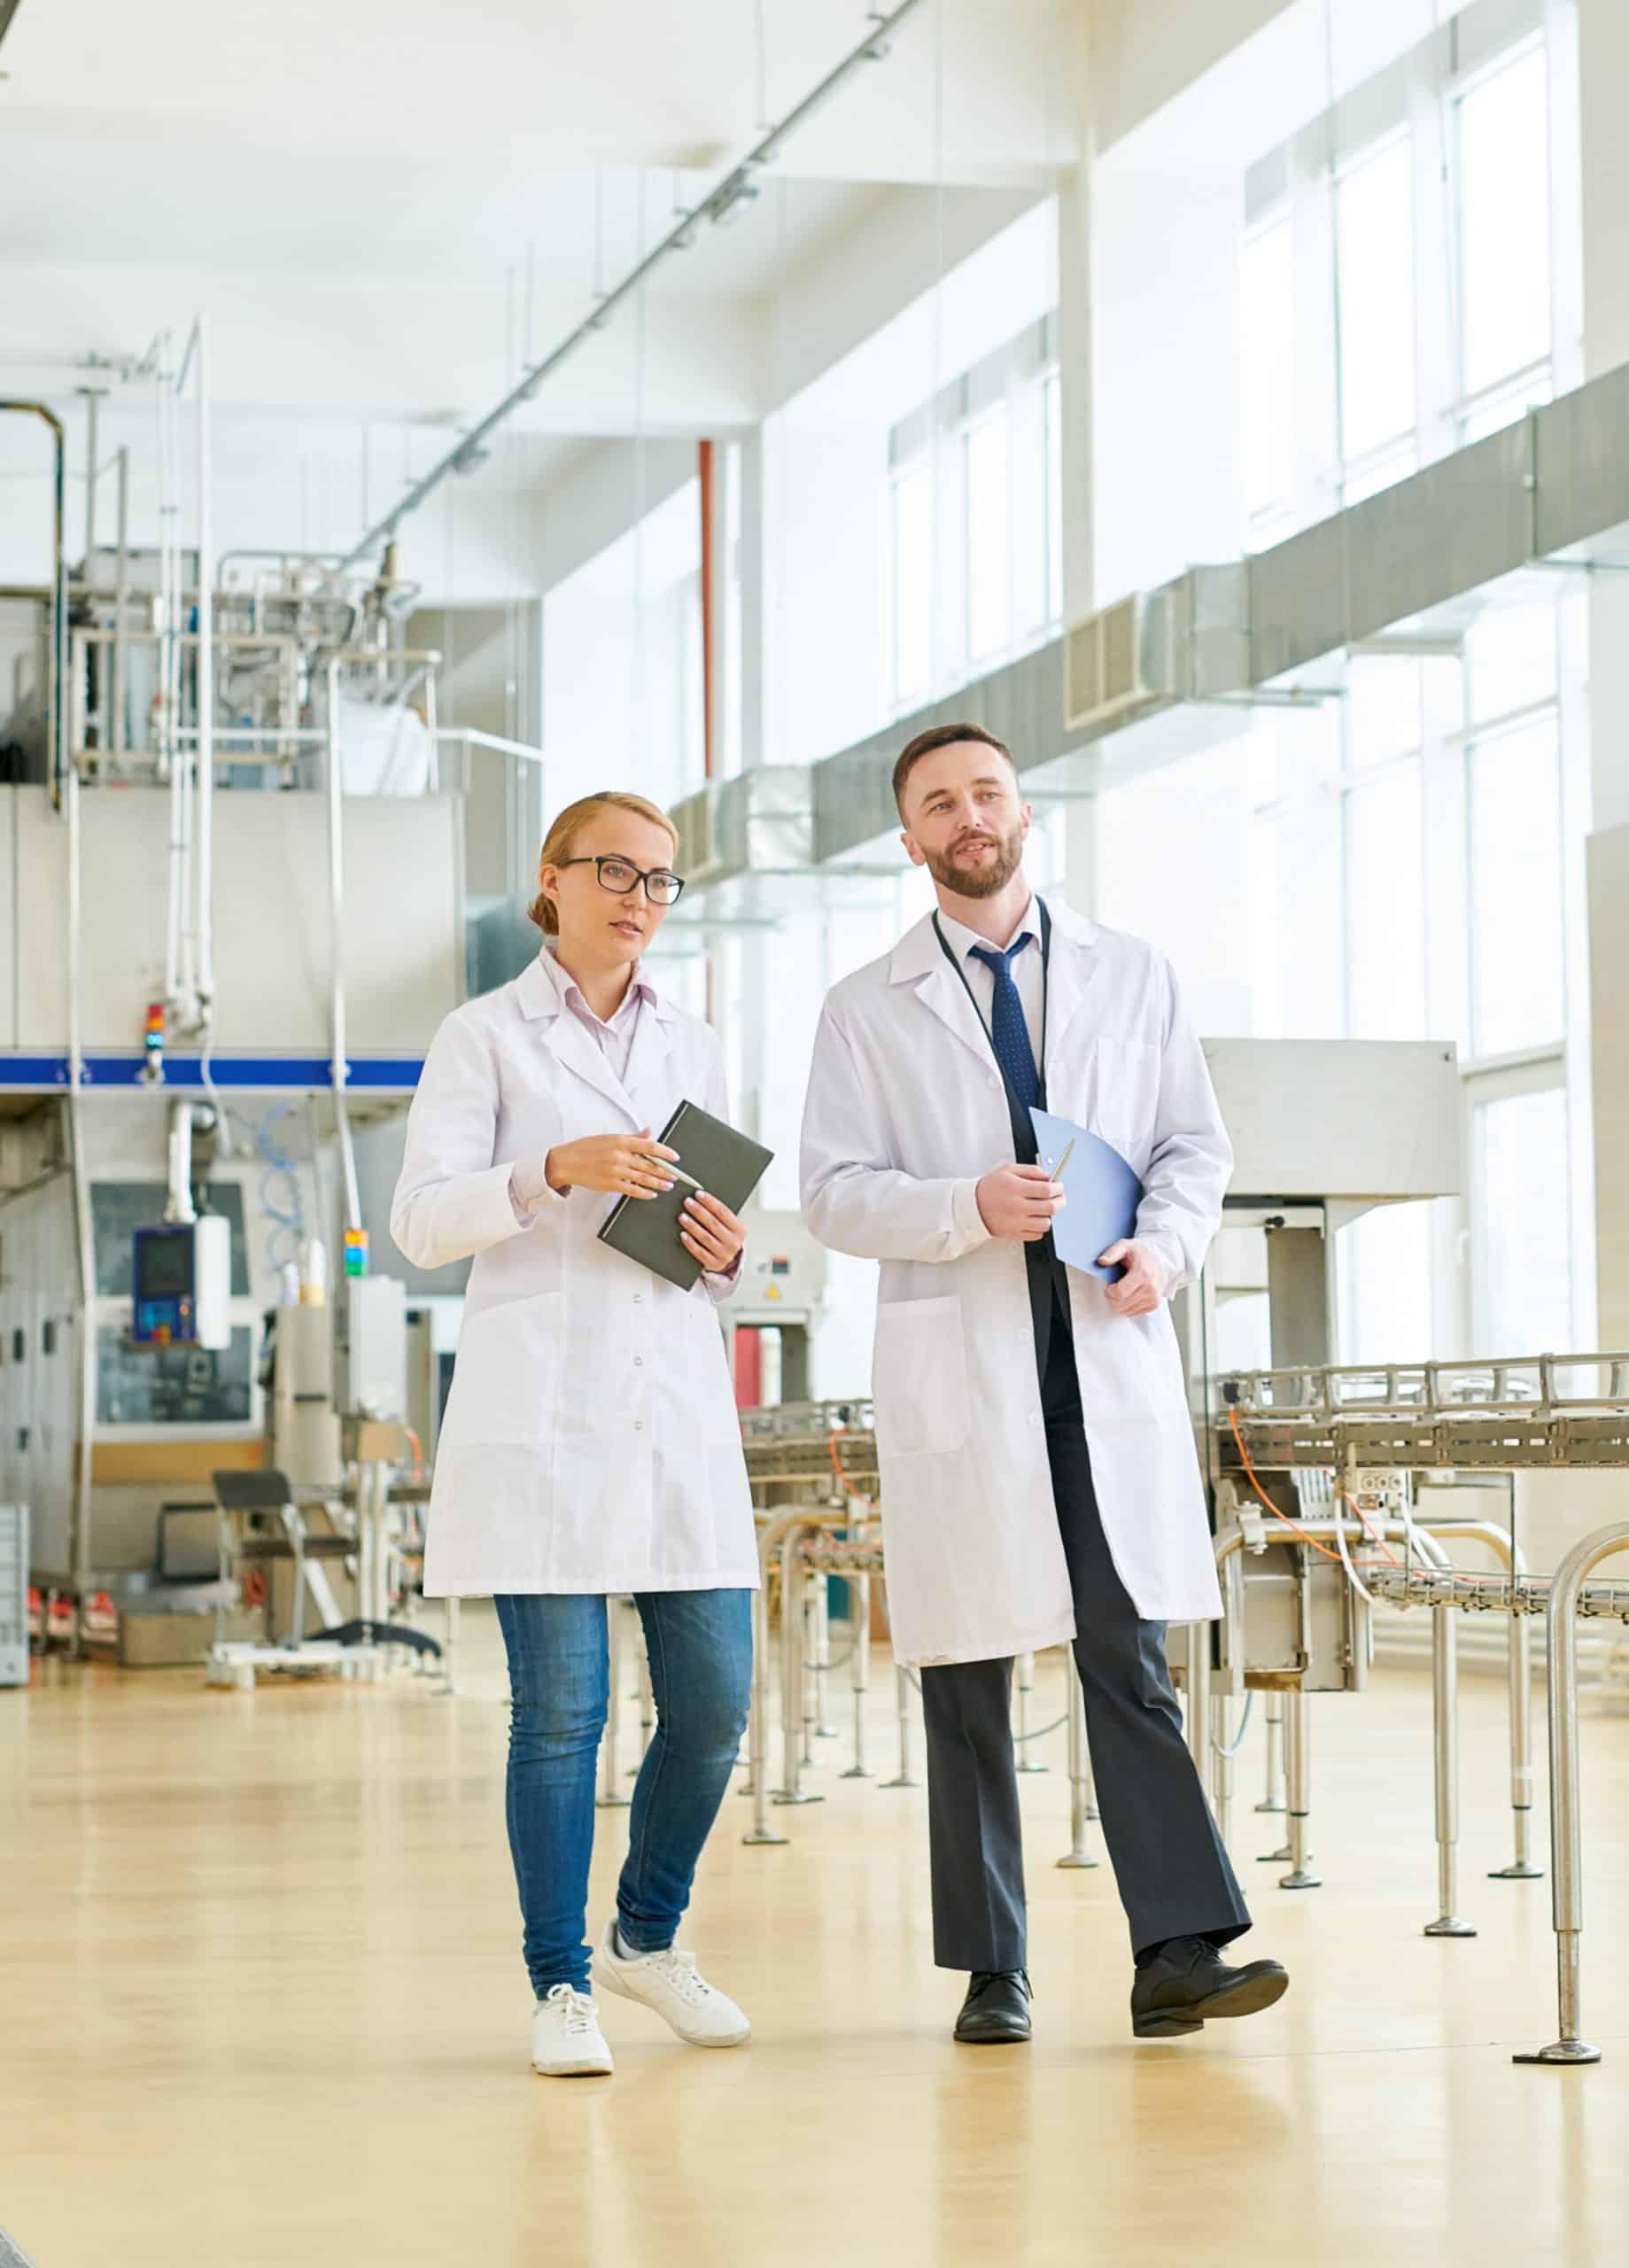 Productos de limpieza y desinfección para el sector o industria de alimentos y bebidas